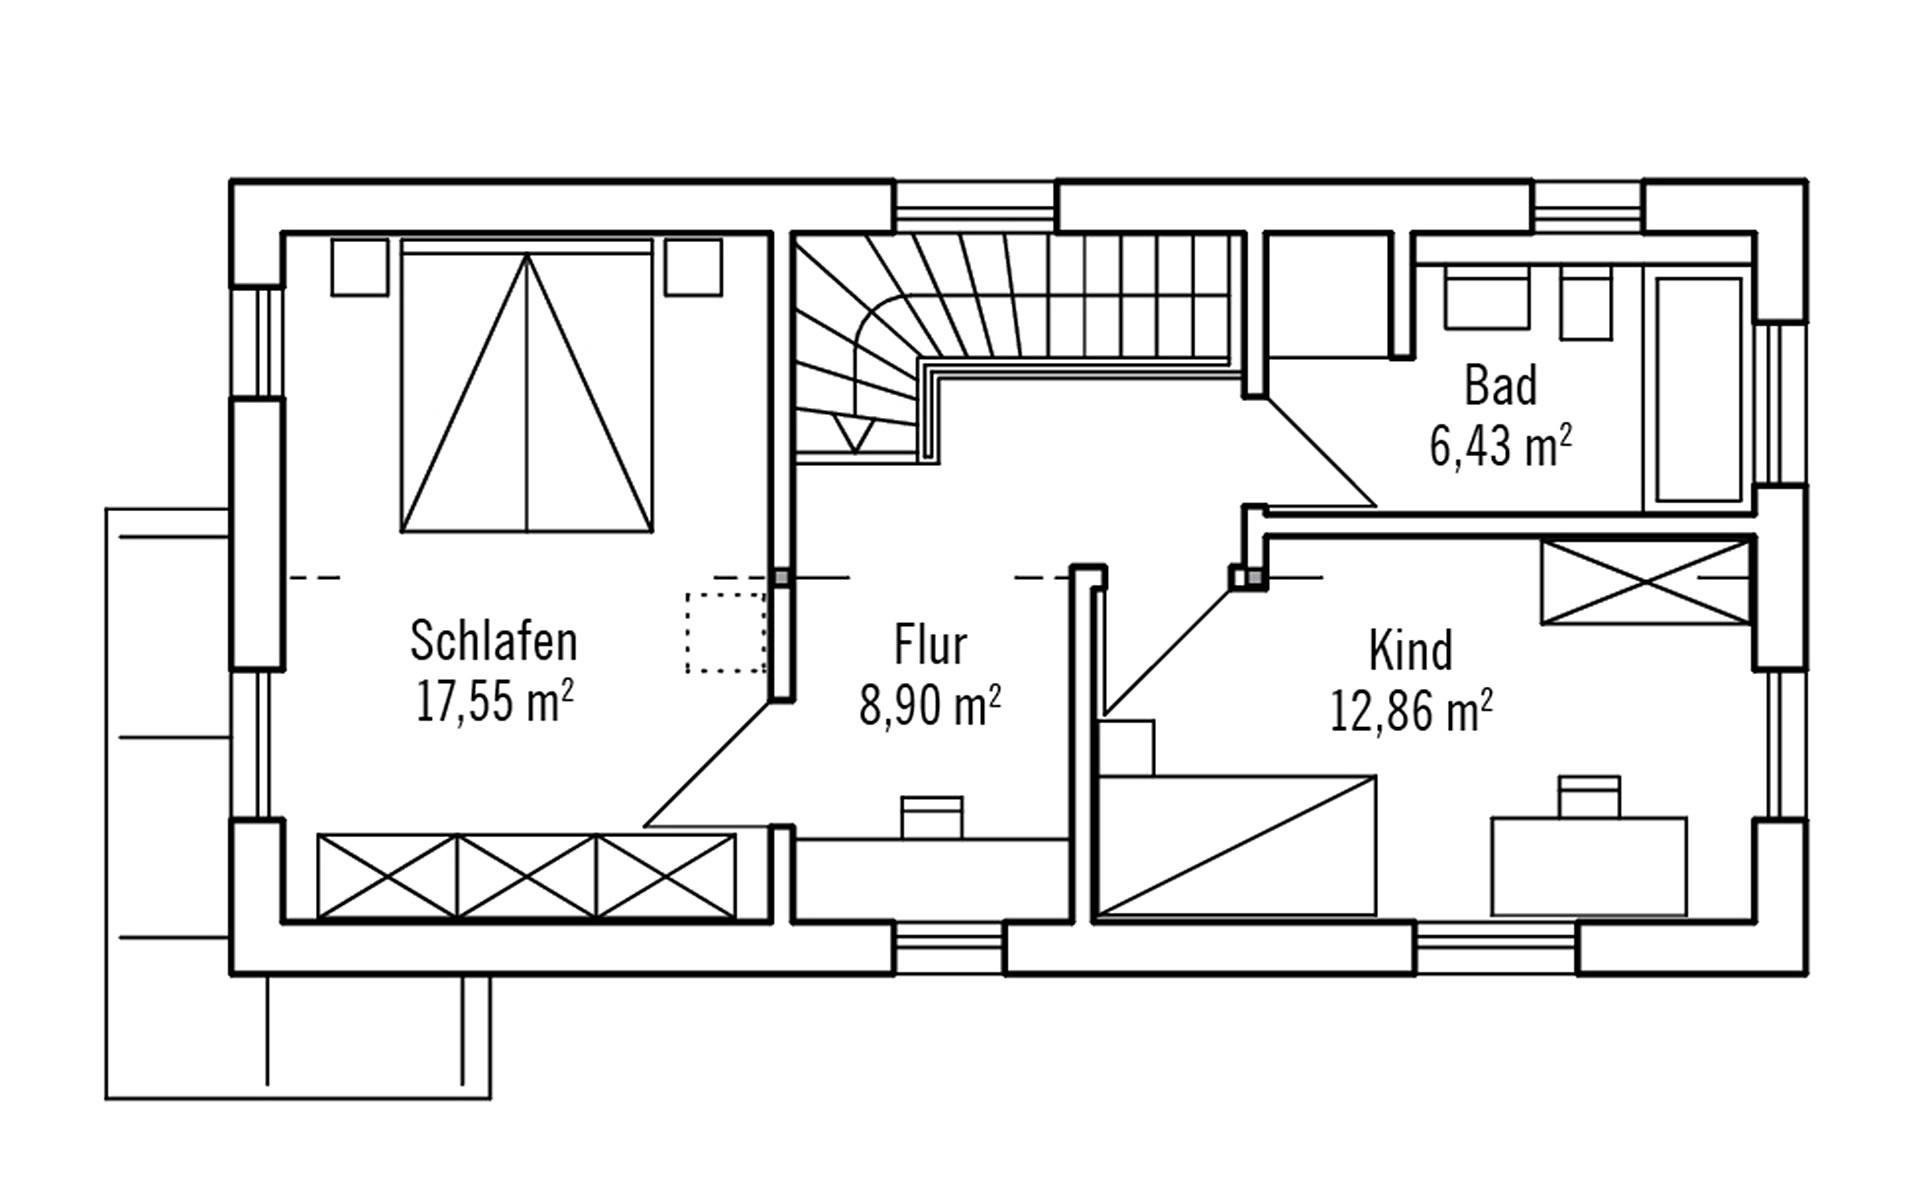 Obergeschoss Hoch Hinaus 101m² von Bau-Fritz GmbH & Co. KG, seit 1896